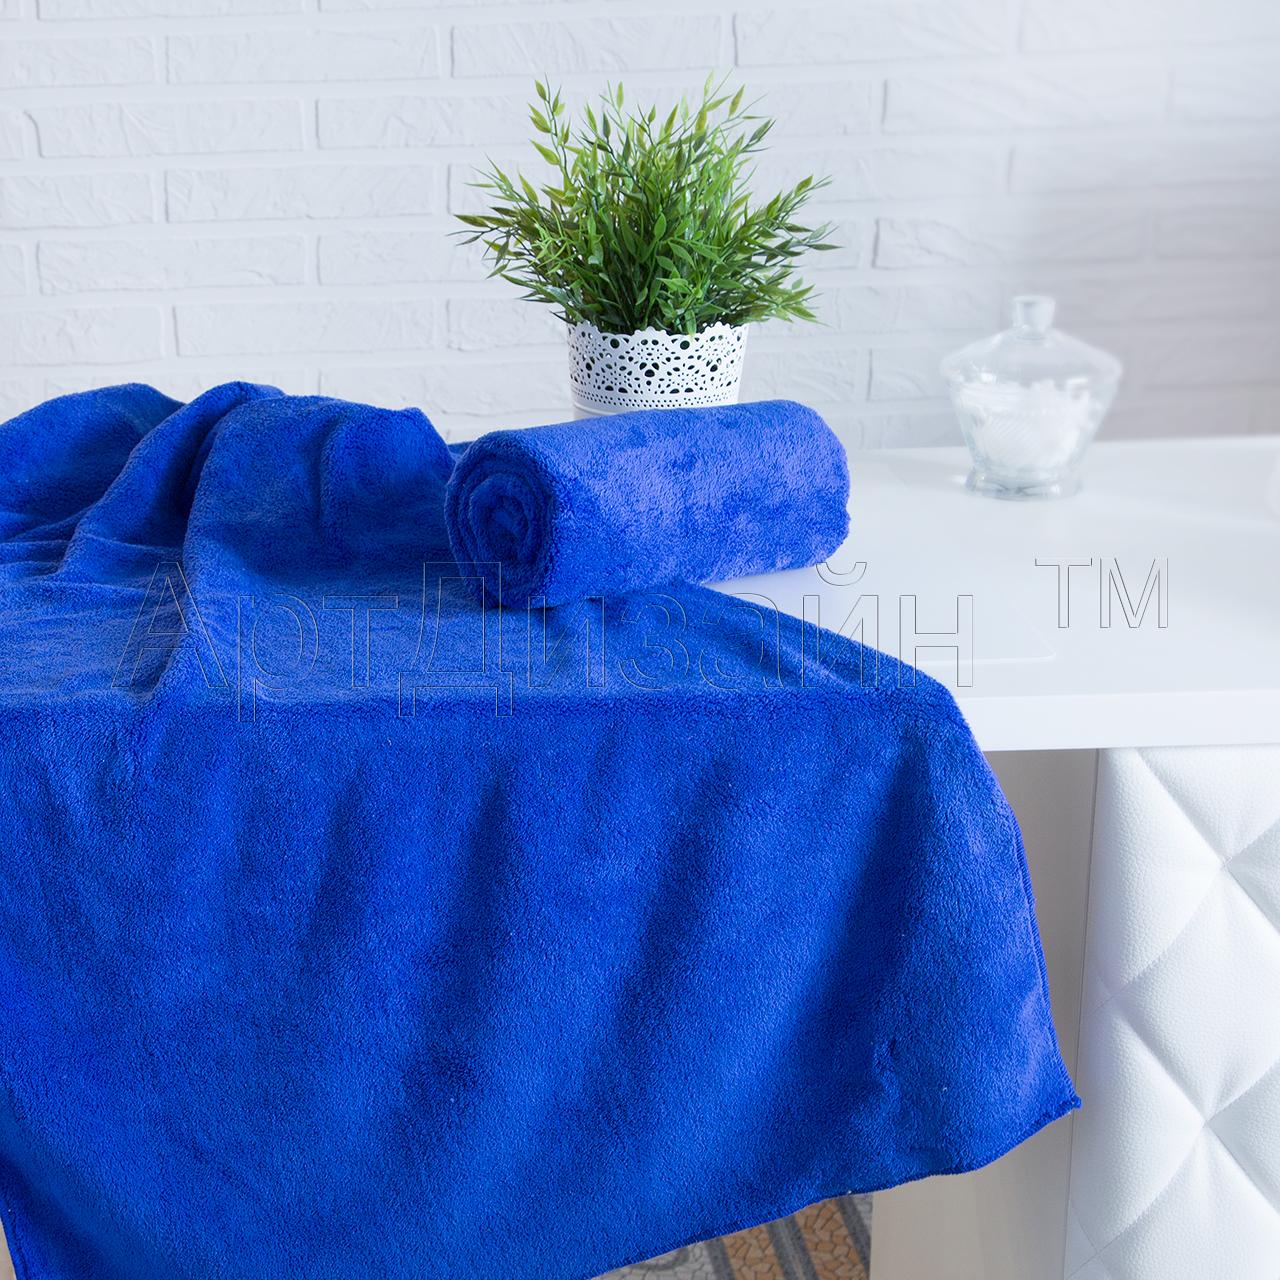 Полотенце Уют Синий р. 50х90Полотенца<br><br><br>Тип: Полотенце<br>Размер: 50х90<br>Материал: Велсофт